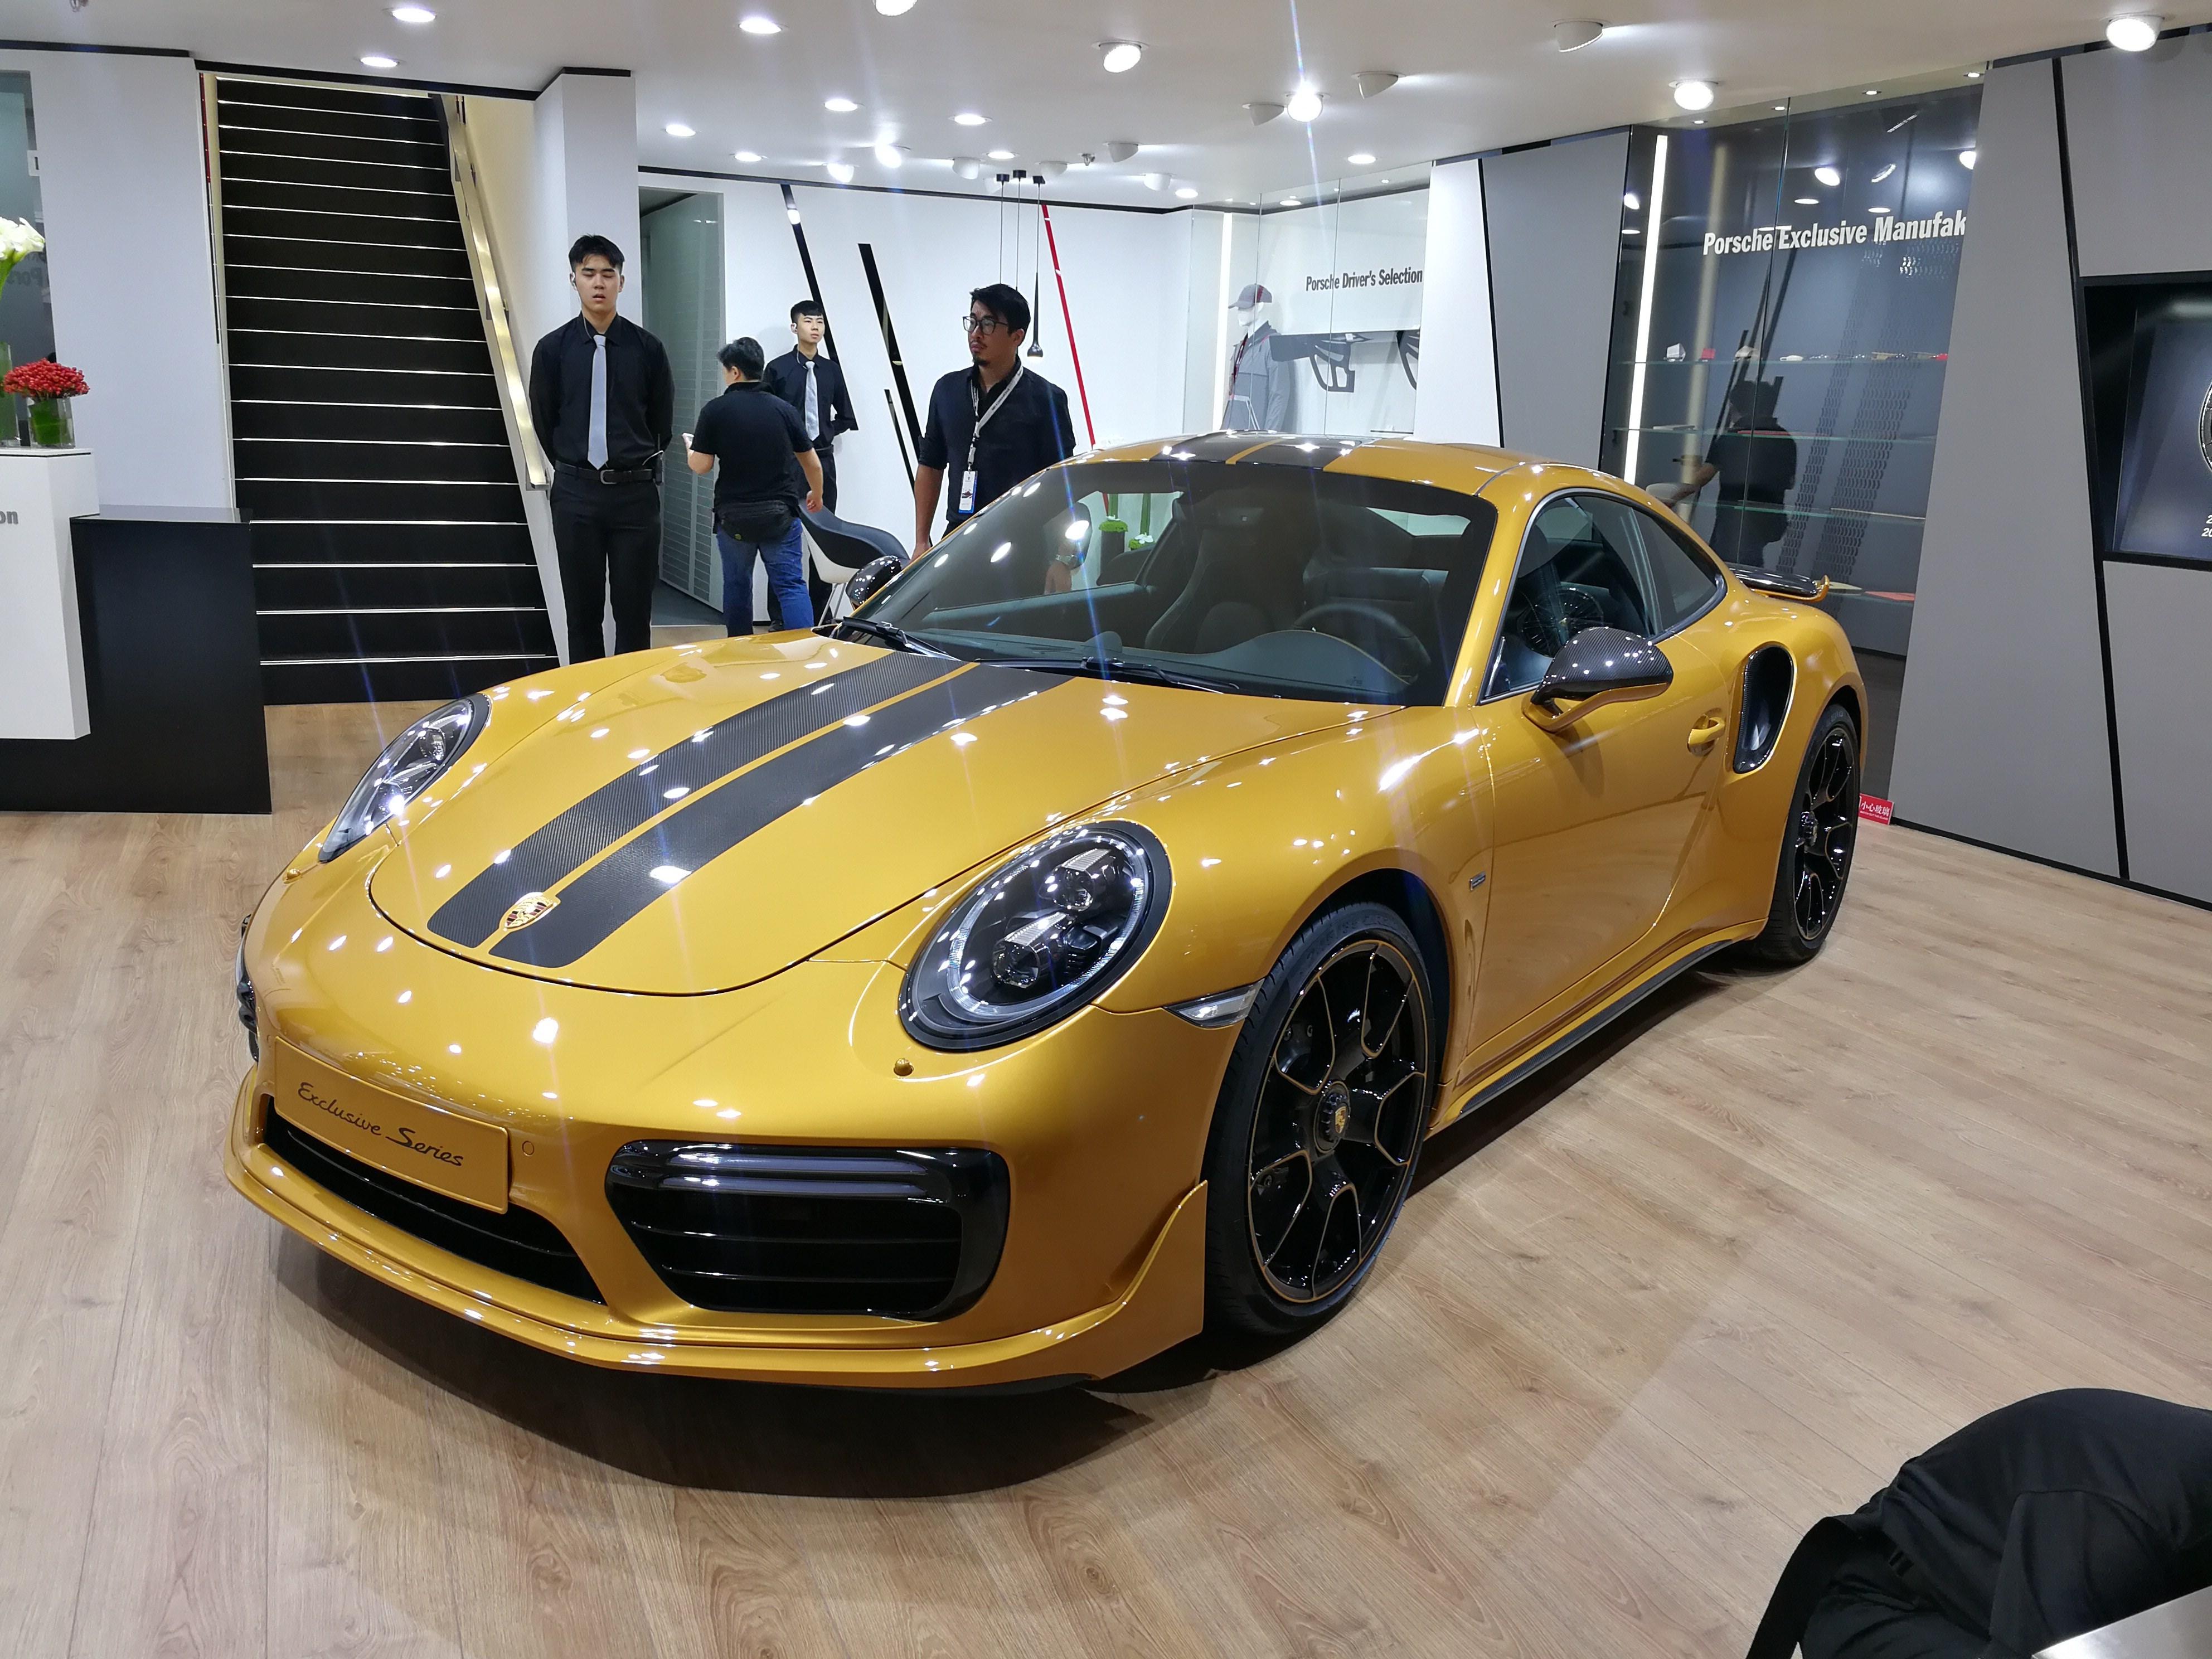 2017成都车展 保时捷911 Turbo S特别版首发